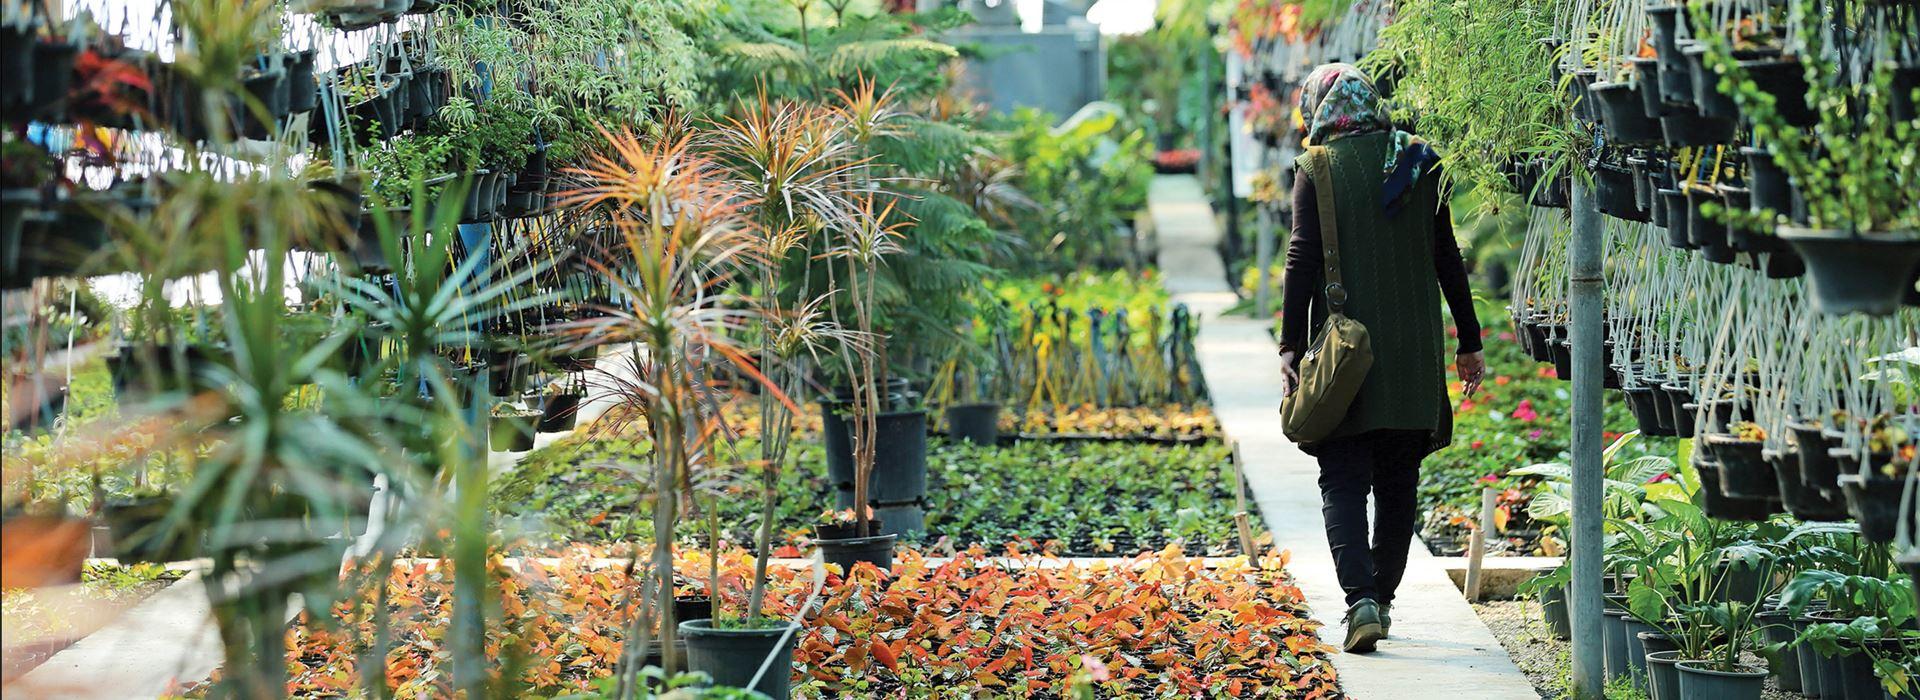 نمایشگاه های گل و گیاه معروف